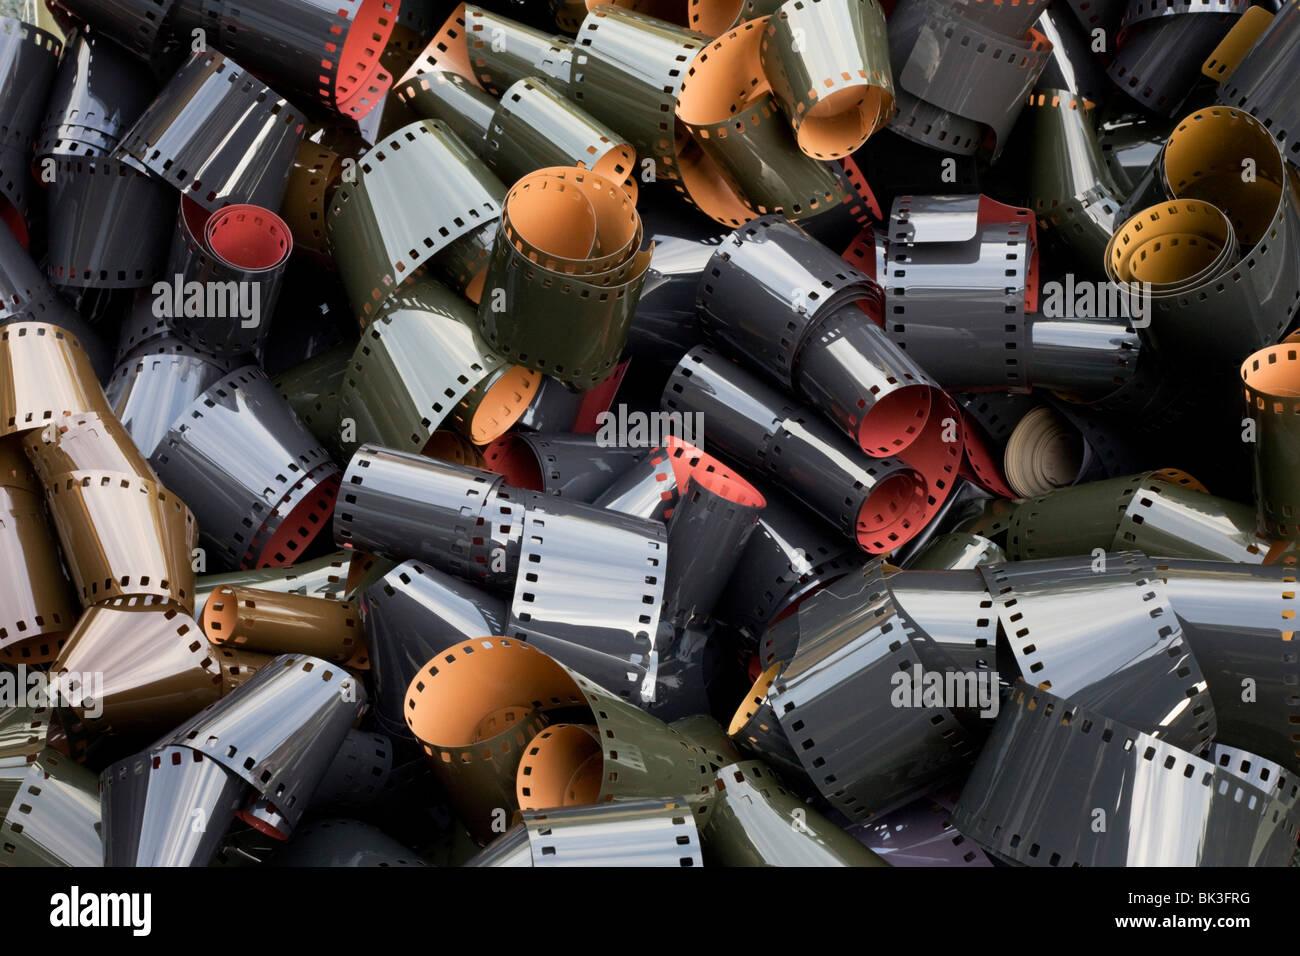 Bobinas de subdesenvolvido, Generic 35mm filme emulsão, uma antiquada tecnologia analógica substituído Imagens de Stock